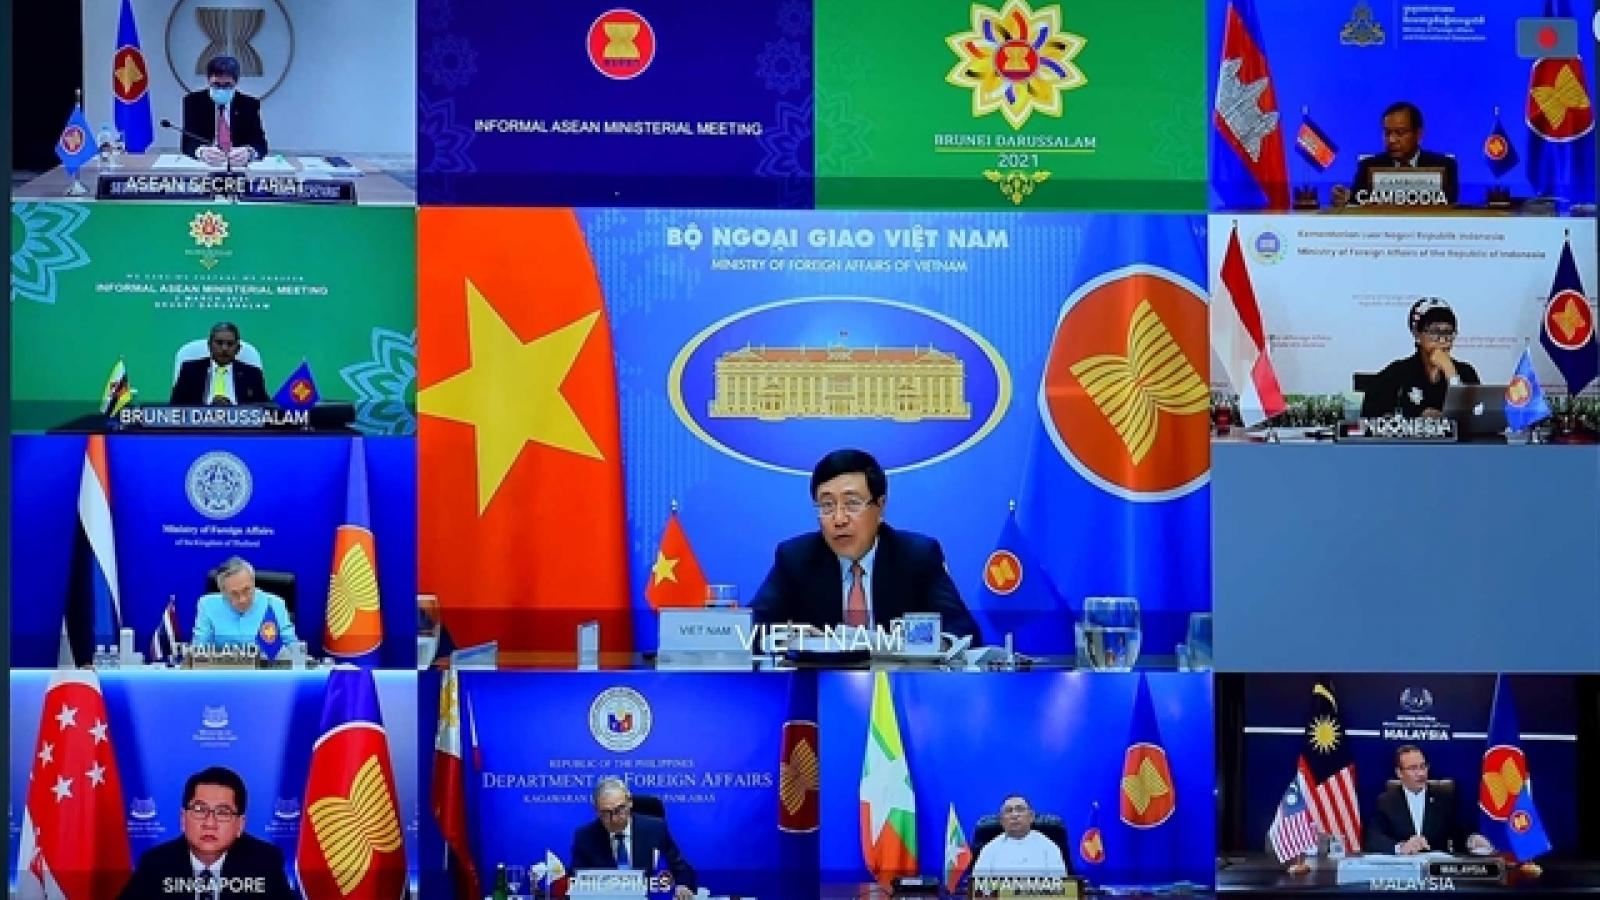 Vai trò quan trọng của ASEAN trong giải quyết khủng hoảng ở Myanmar